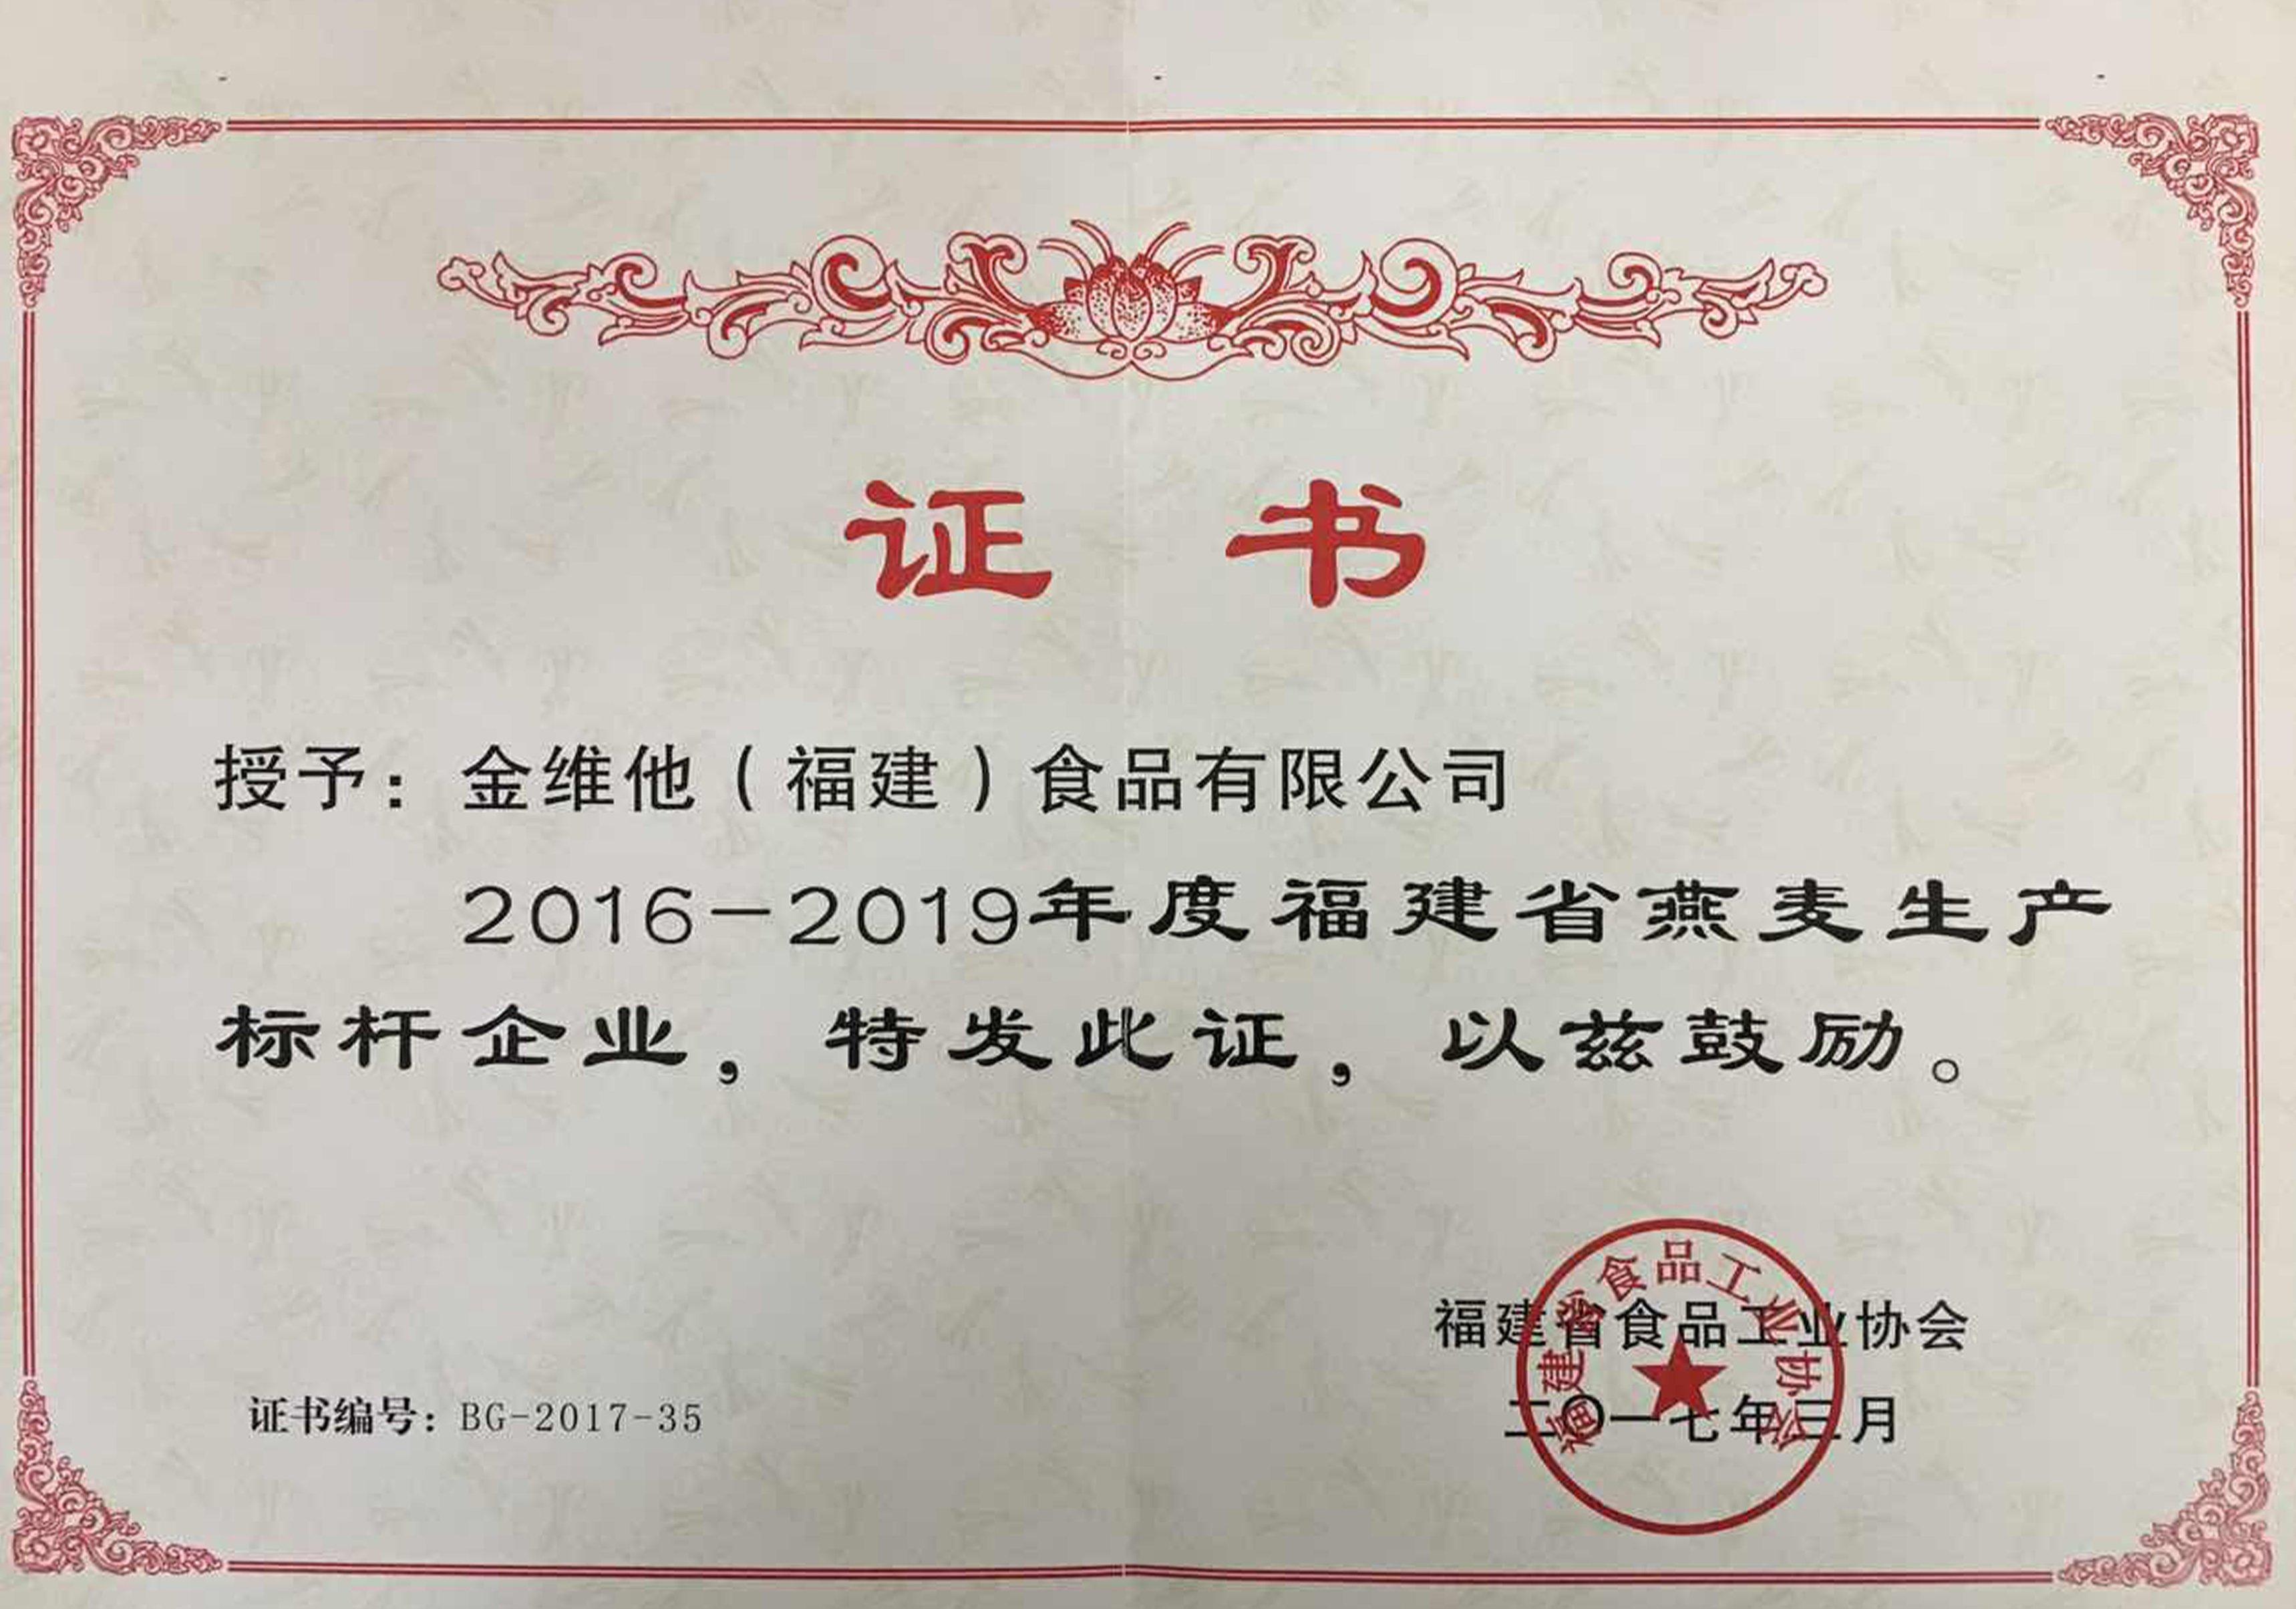 福建省燕麦生产标杆企业证书